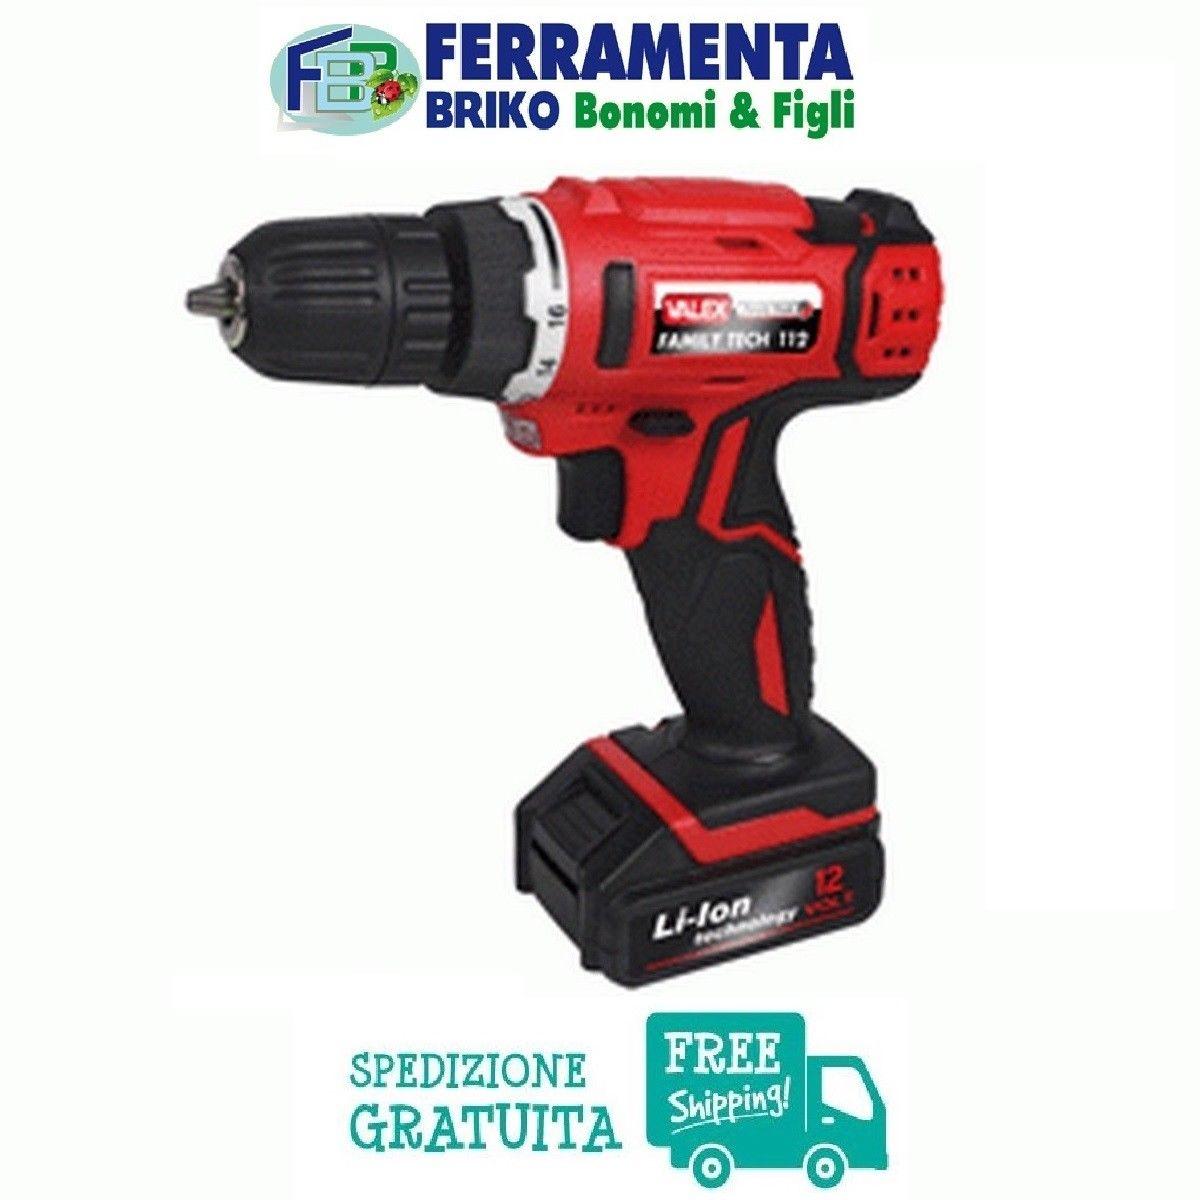 VALEX 1429400 FAMILY TECH 112 TRAPANO AVVITATORE A BATTERIA AL LITIO 12 V